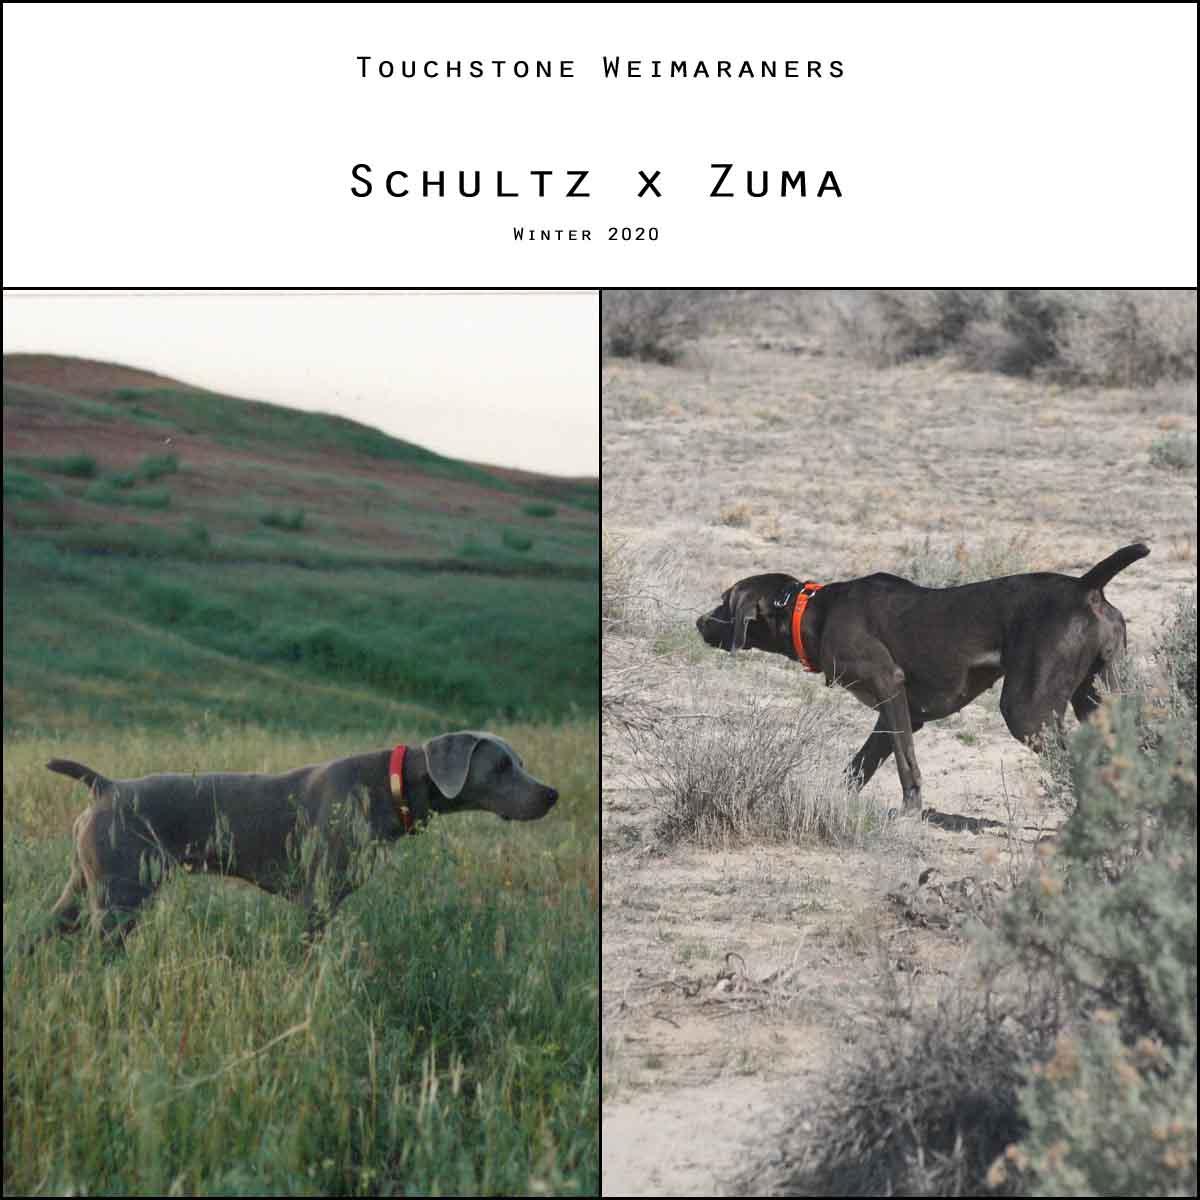 Schultz x Zuma Litter